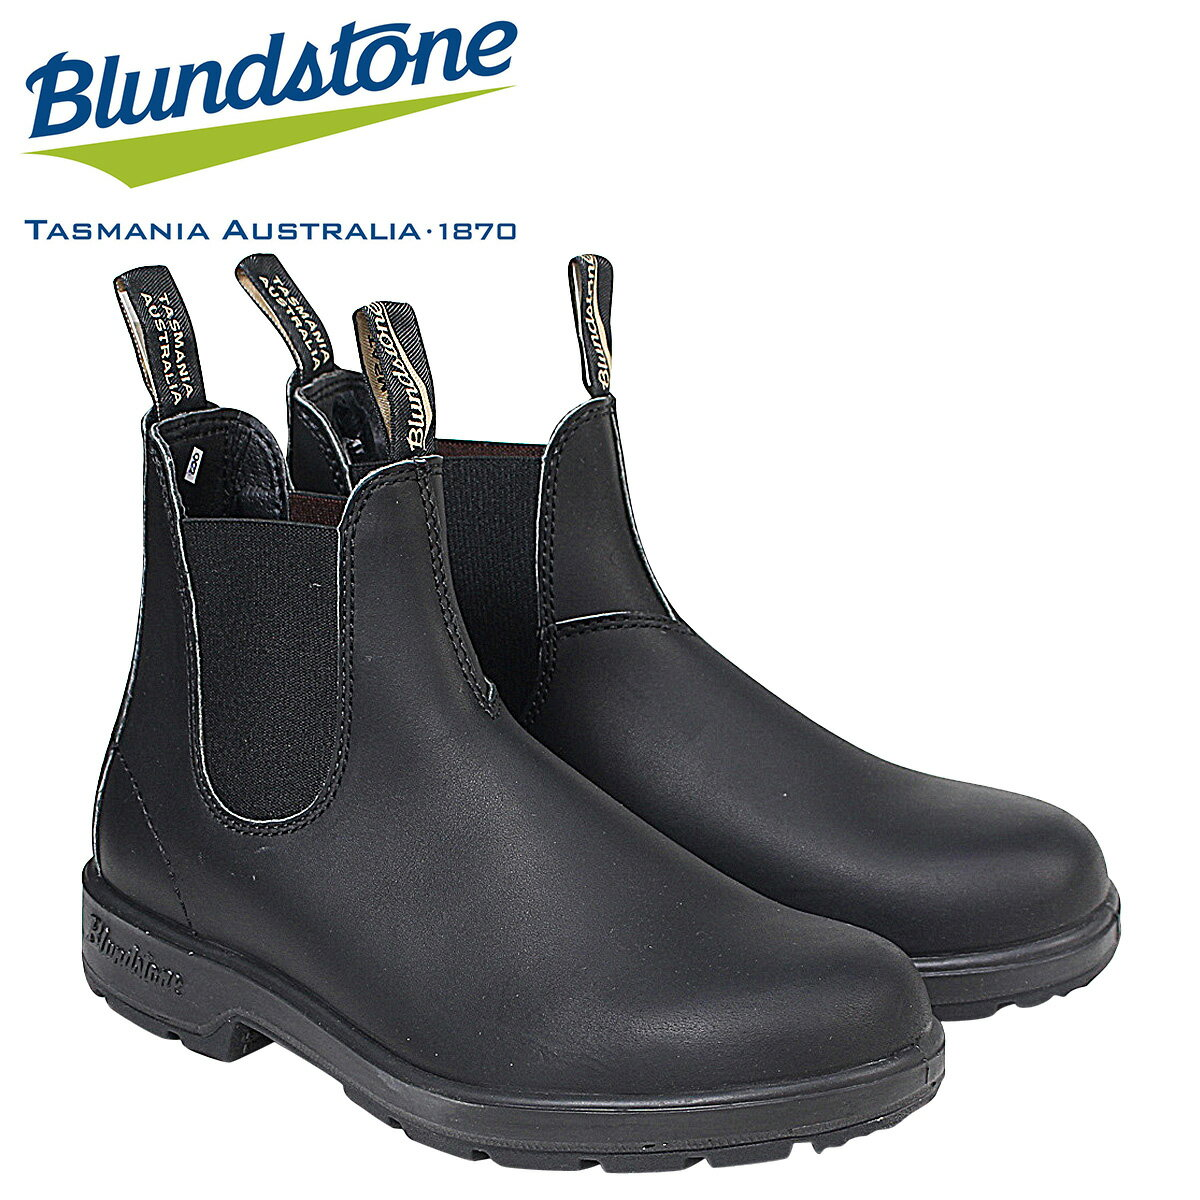 【最大2000円OFFクーポン】 ブランドストーン Blundstone サイドゴア メンズ ブーツ DRESS V CUT BOOTS 510 ブラック